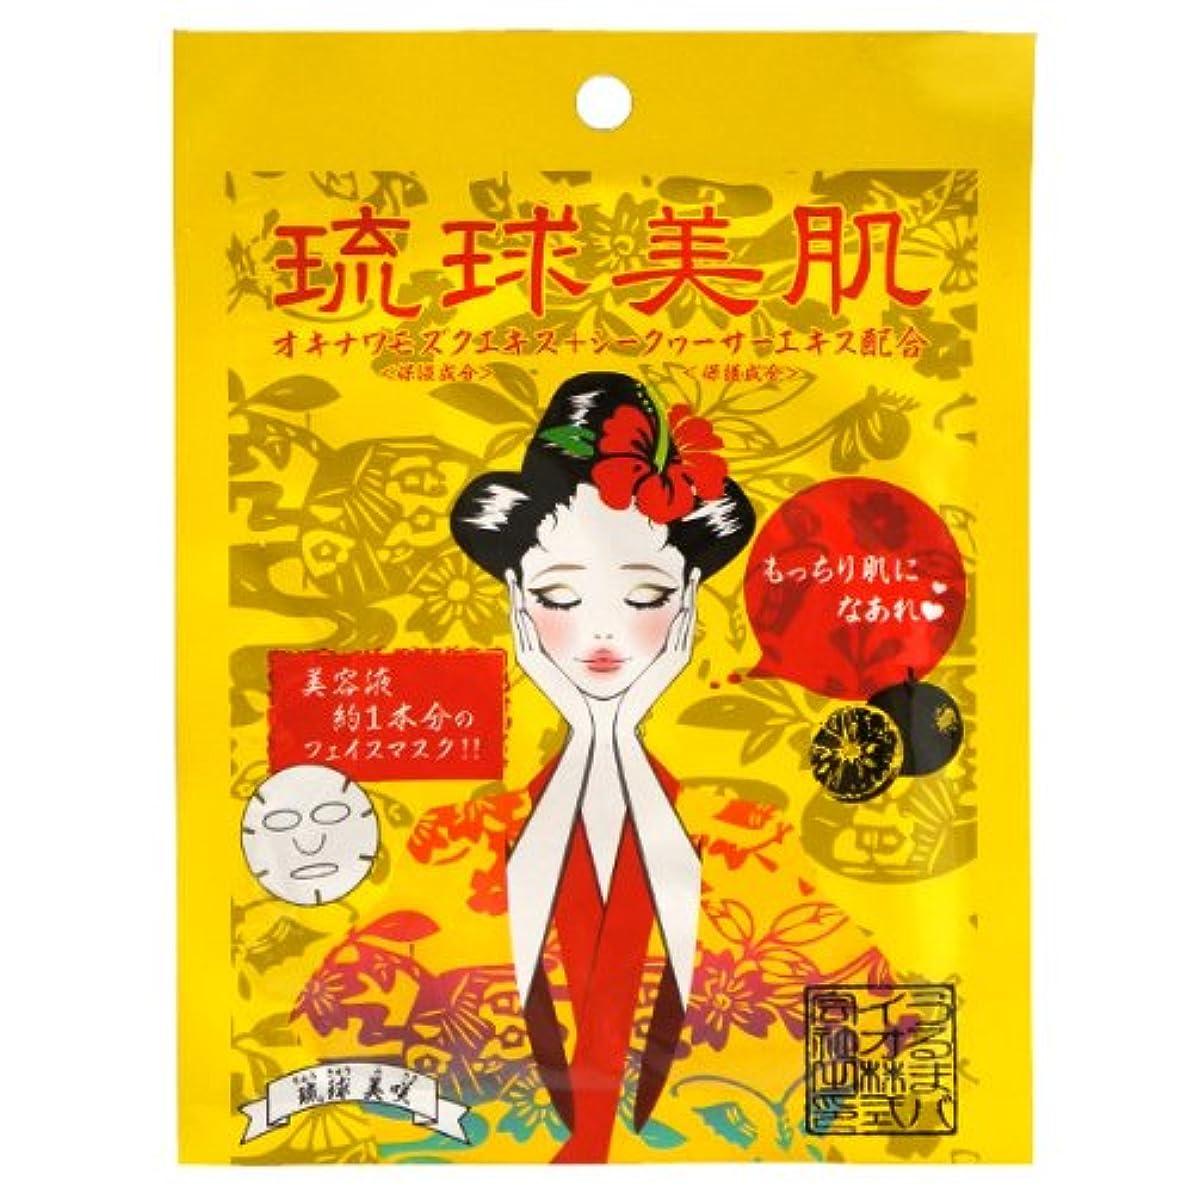 出席する四半期土琉球美肌 シークワーサーの香り